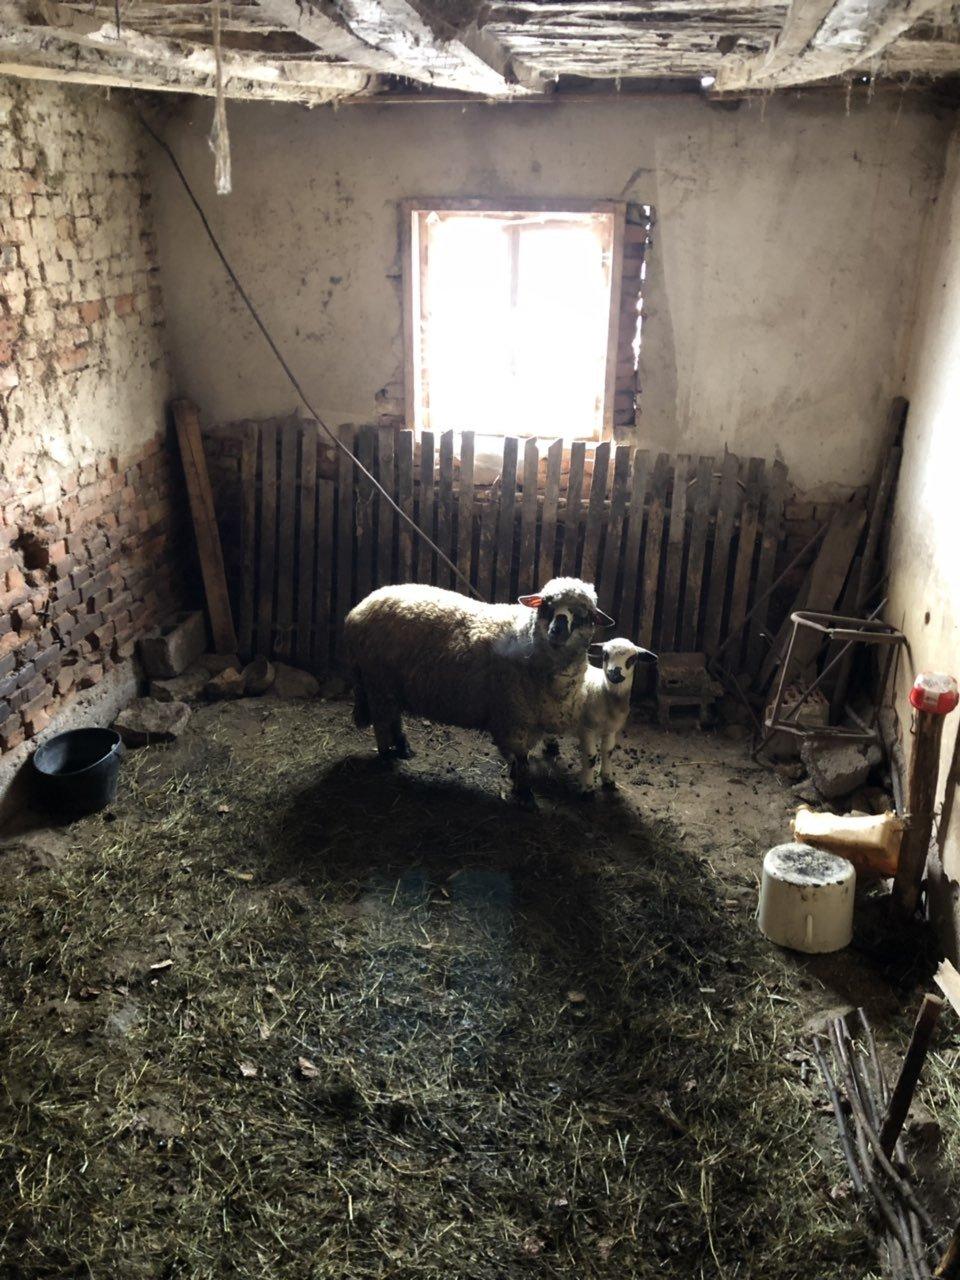 Ovca, ilustracija, fotografija: Marko Miladinović, Domaćinska kuća